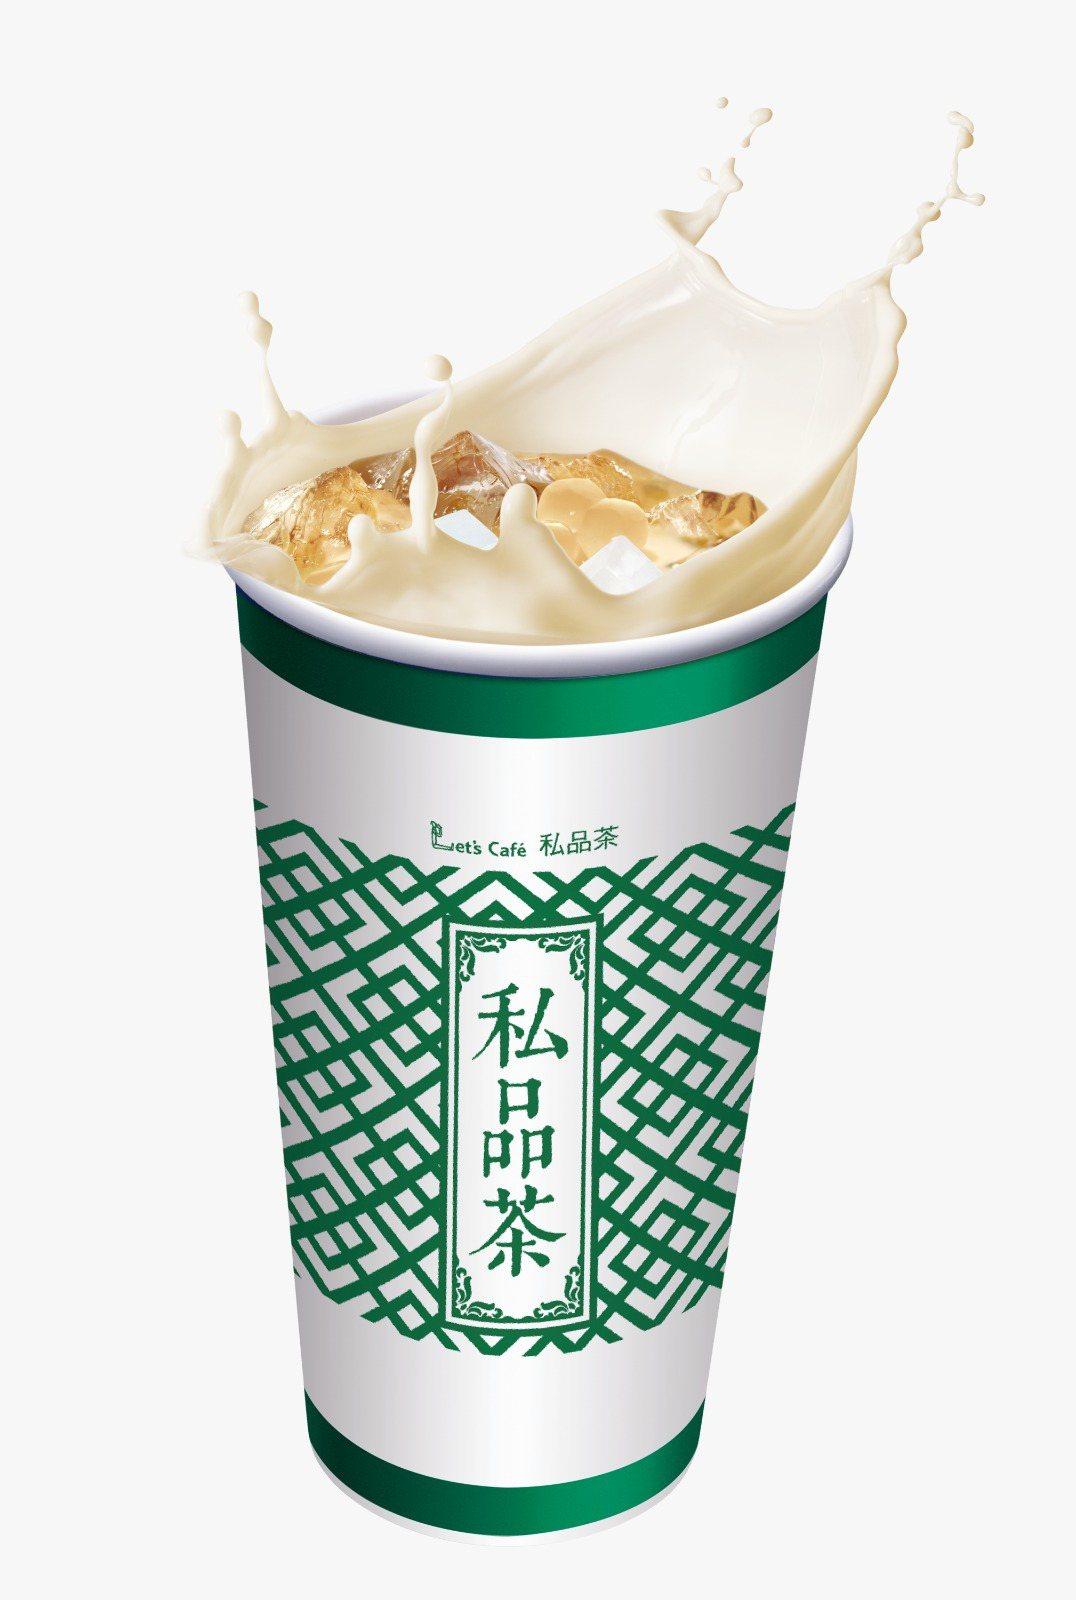 全家便利商店「焦糖珍珠Q奶」,即日起至9月10日會員價49元。圖/全家便利商店提...